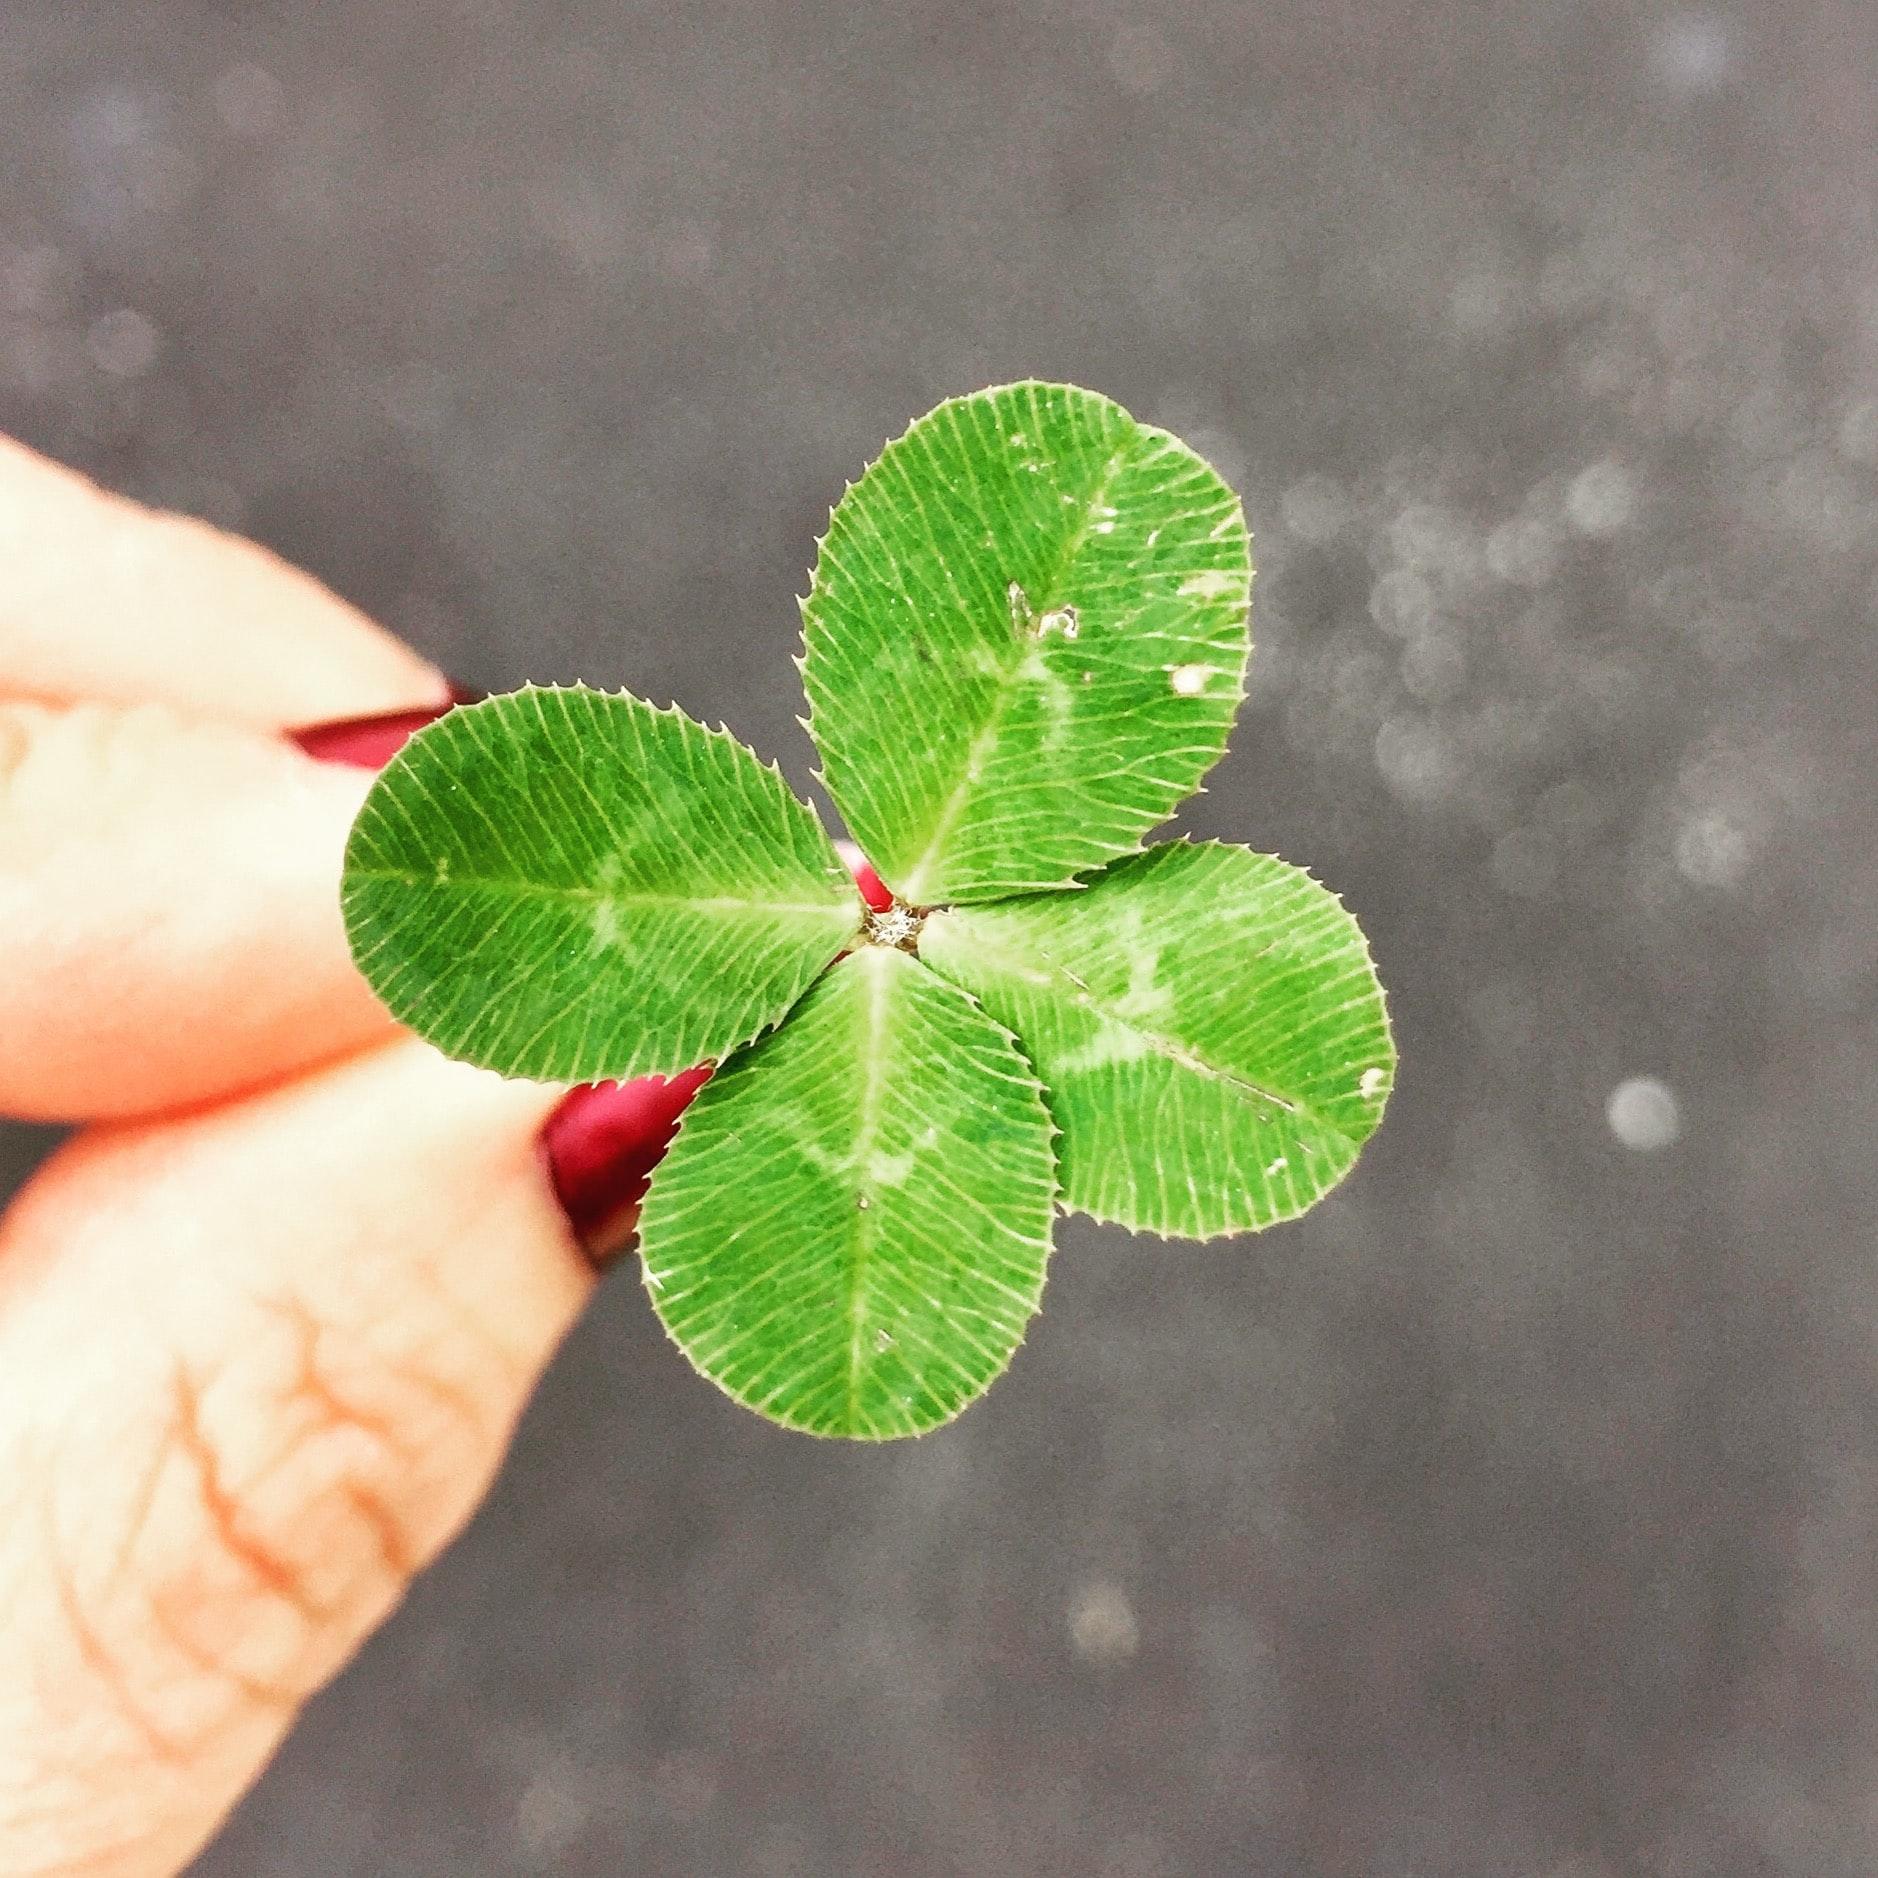 thiên thực người may mắn